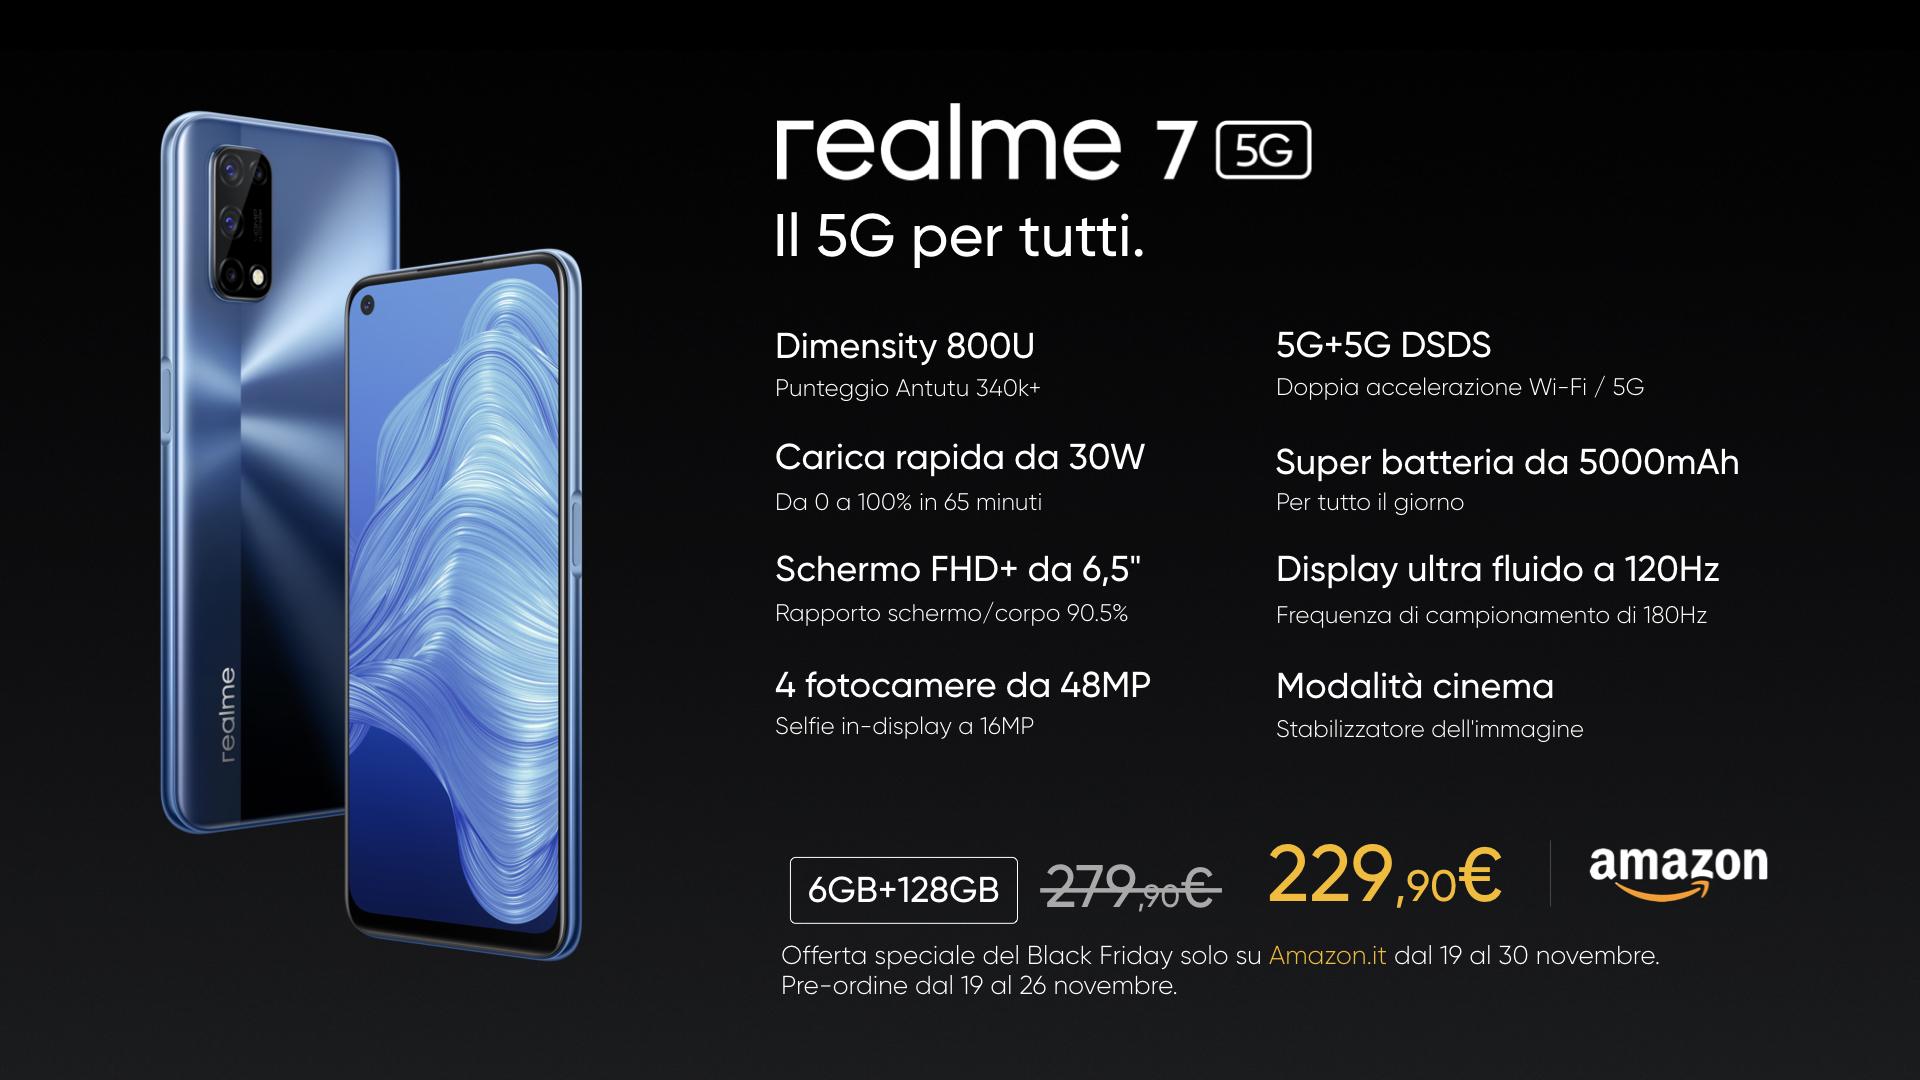 realme 7 (doppio) 5G in Italia a 229 euro